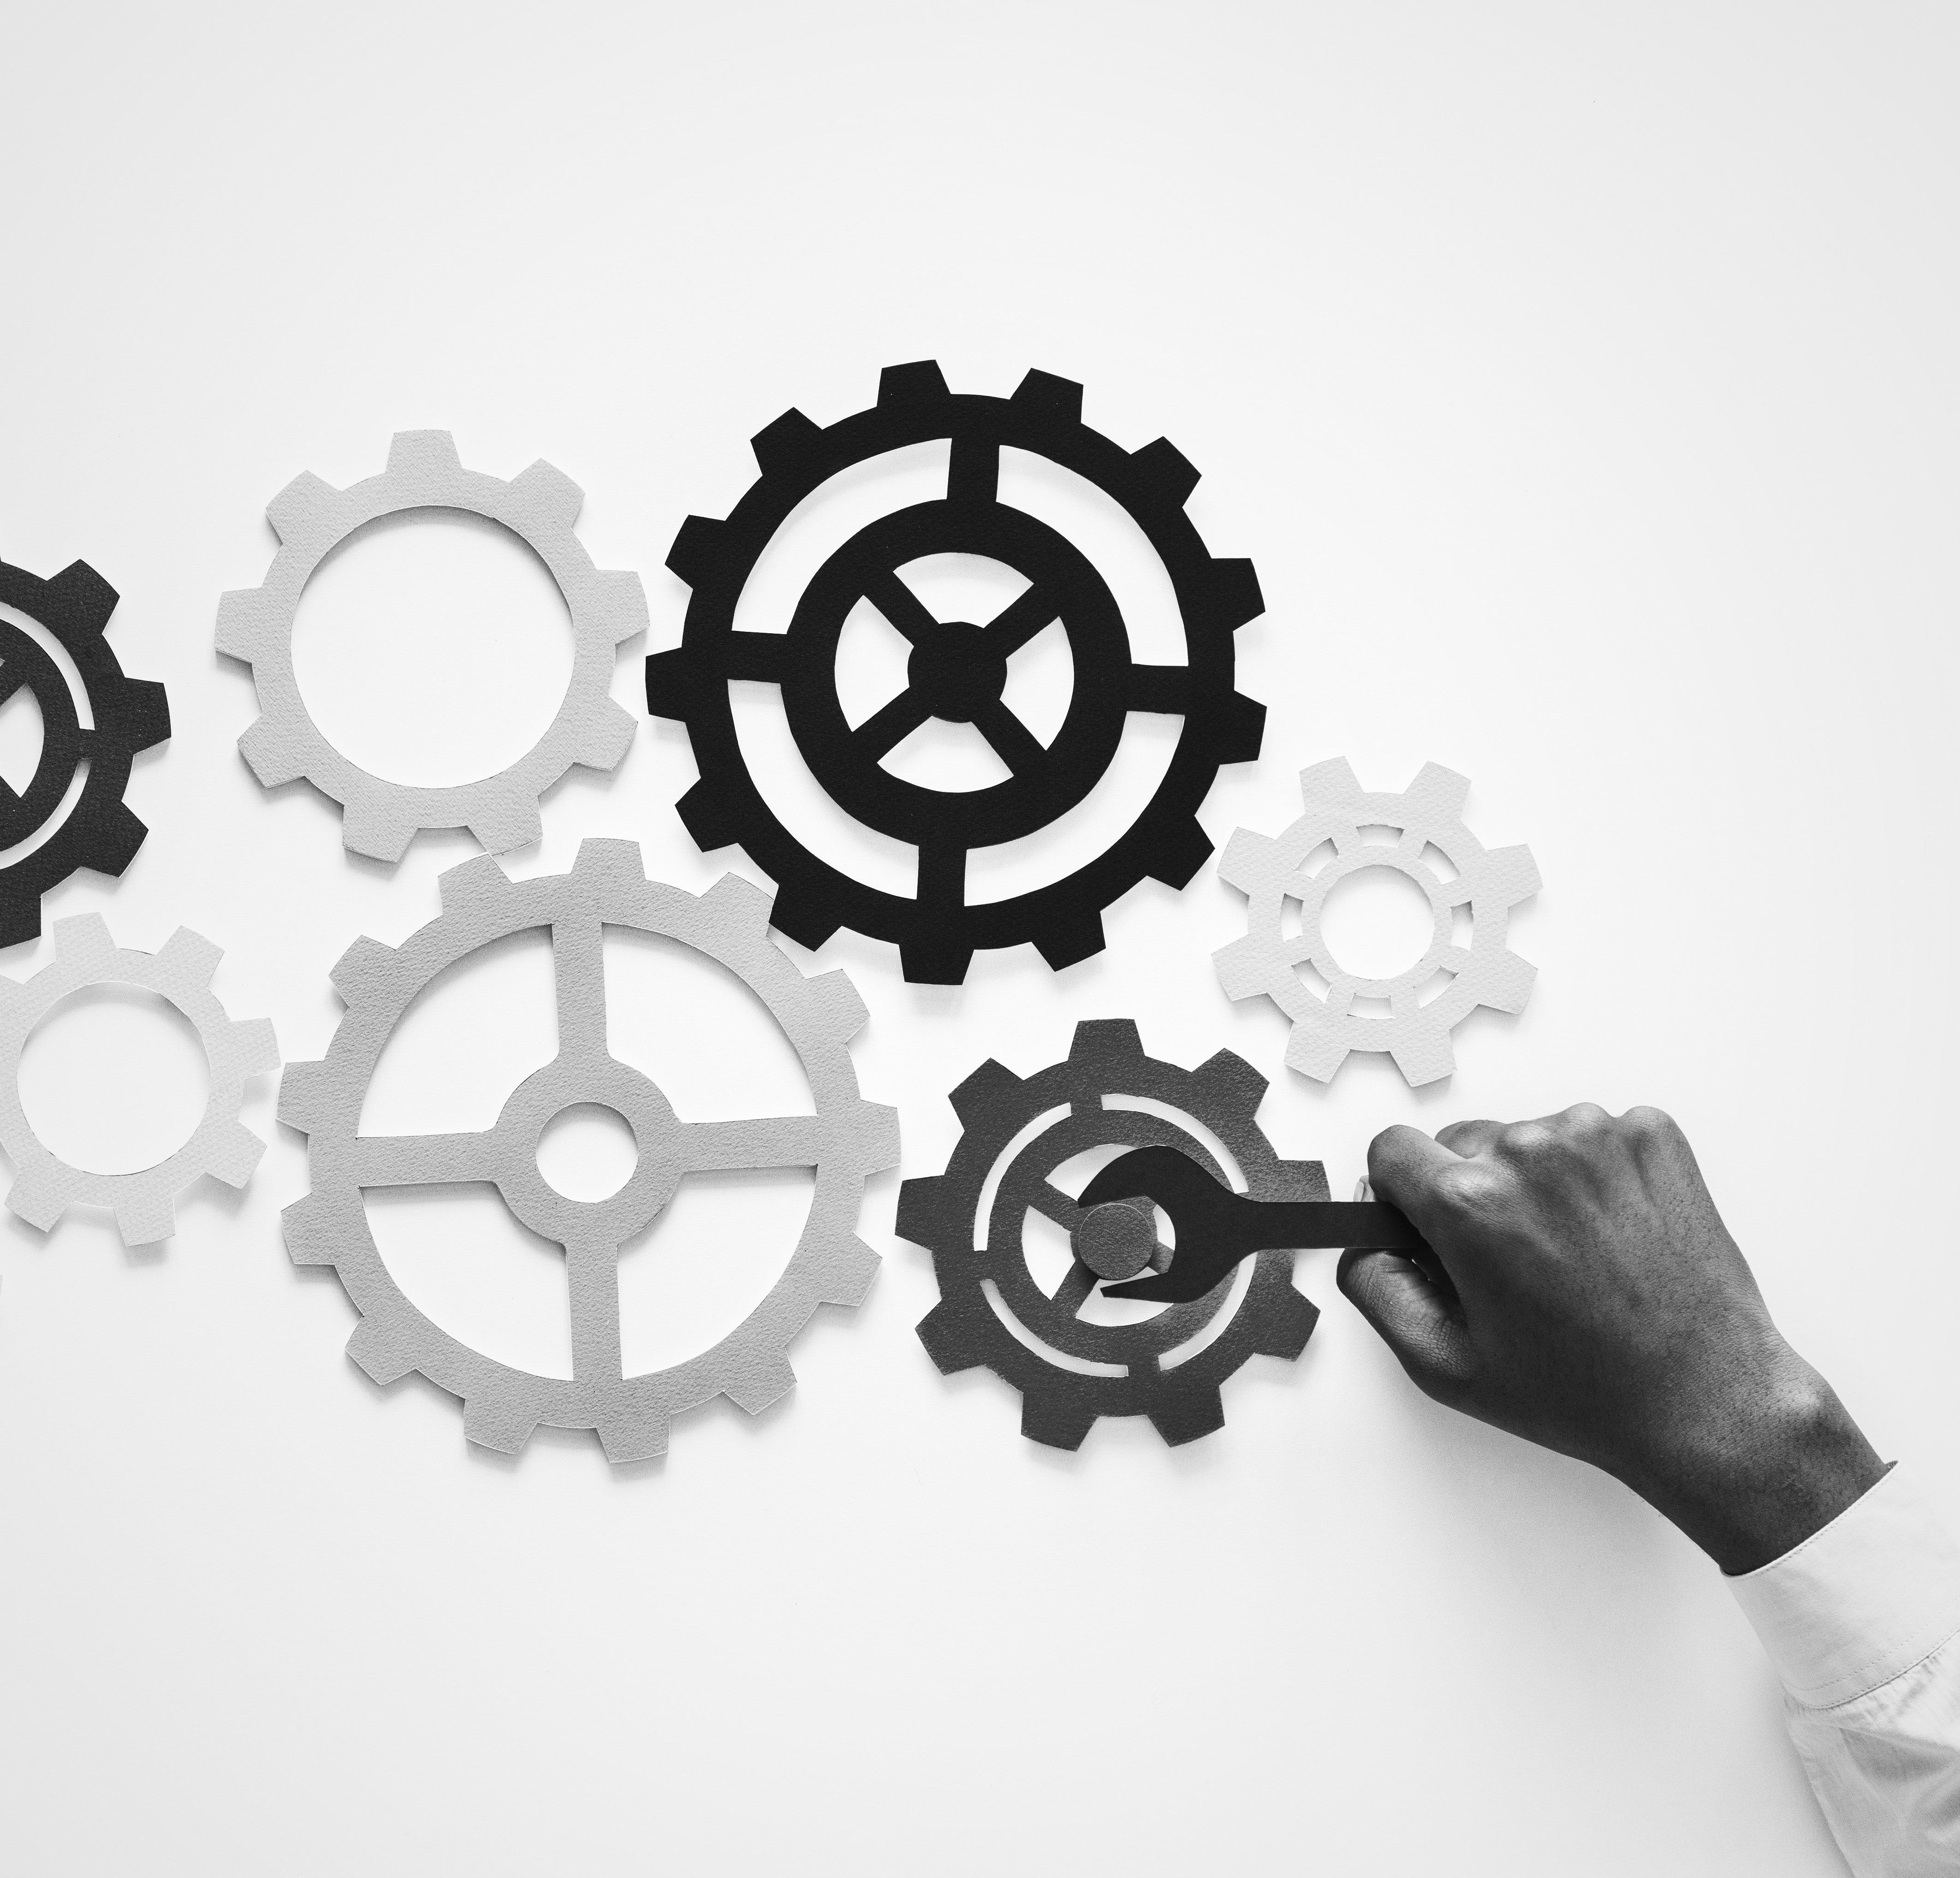 Schnittstellen-Problematiken in ERP Software umgehen 2